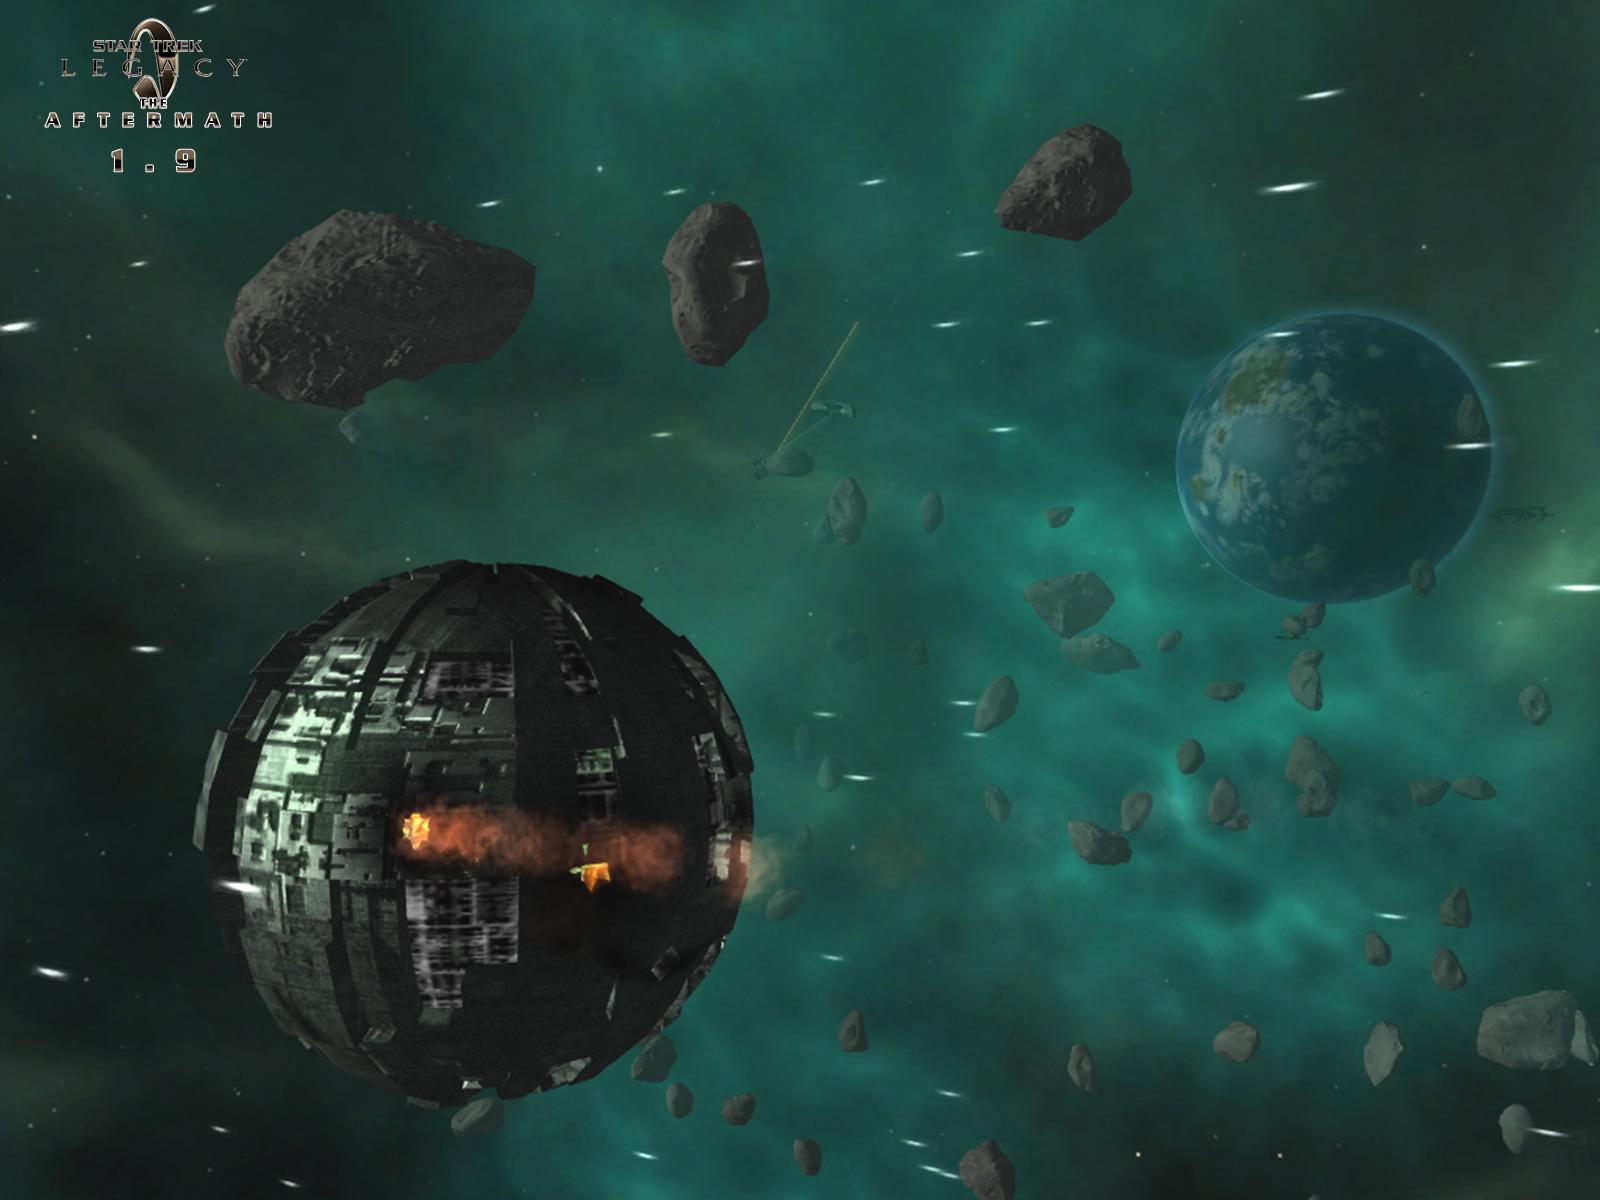 Star Trek Backgrounds for Desktop 1600x1200